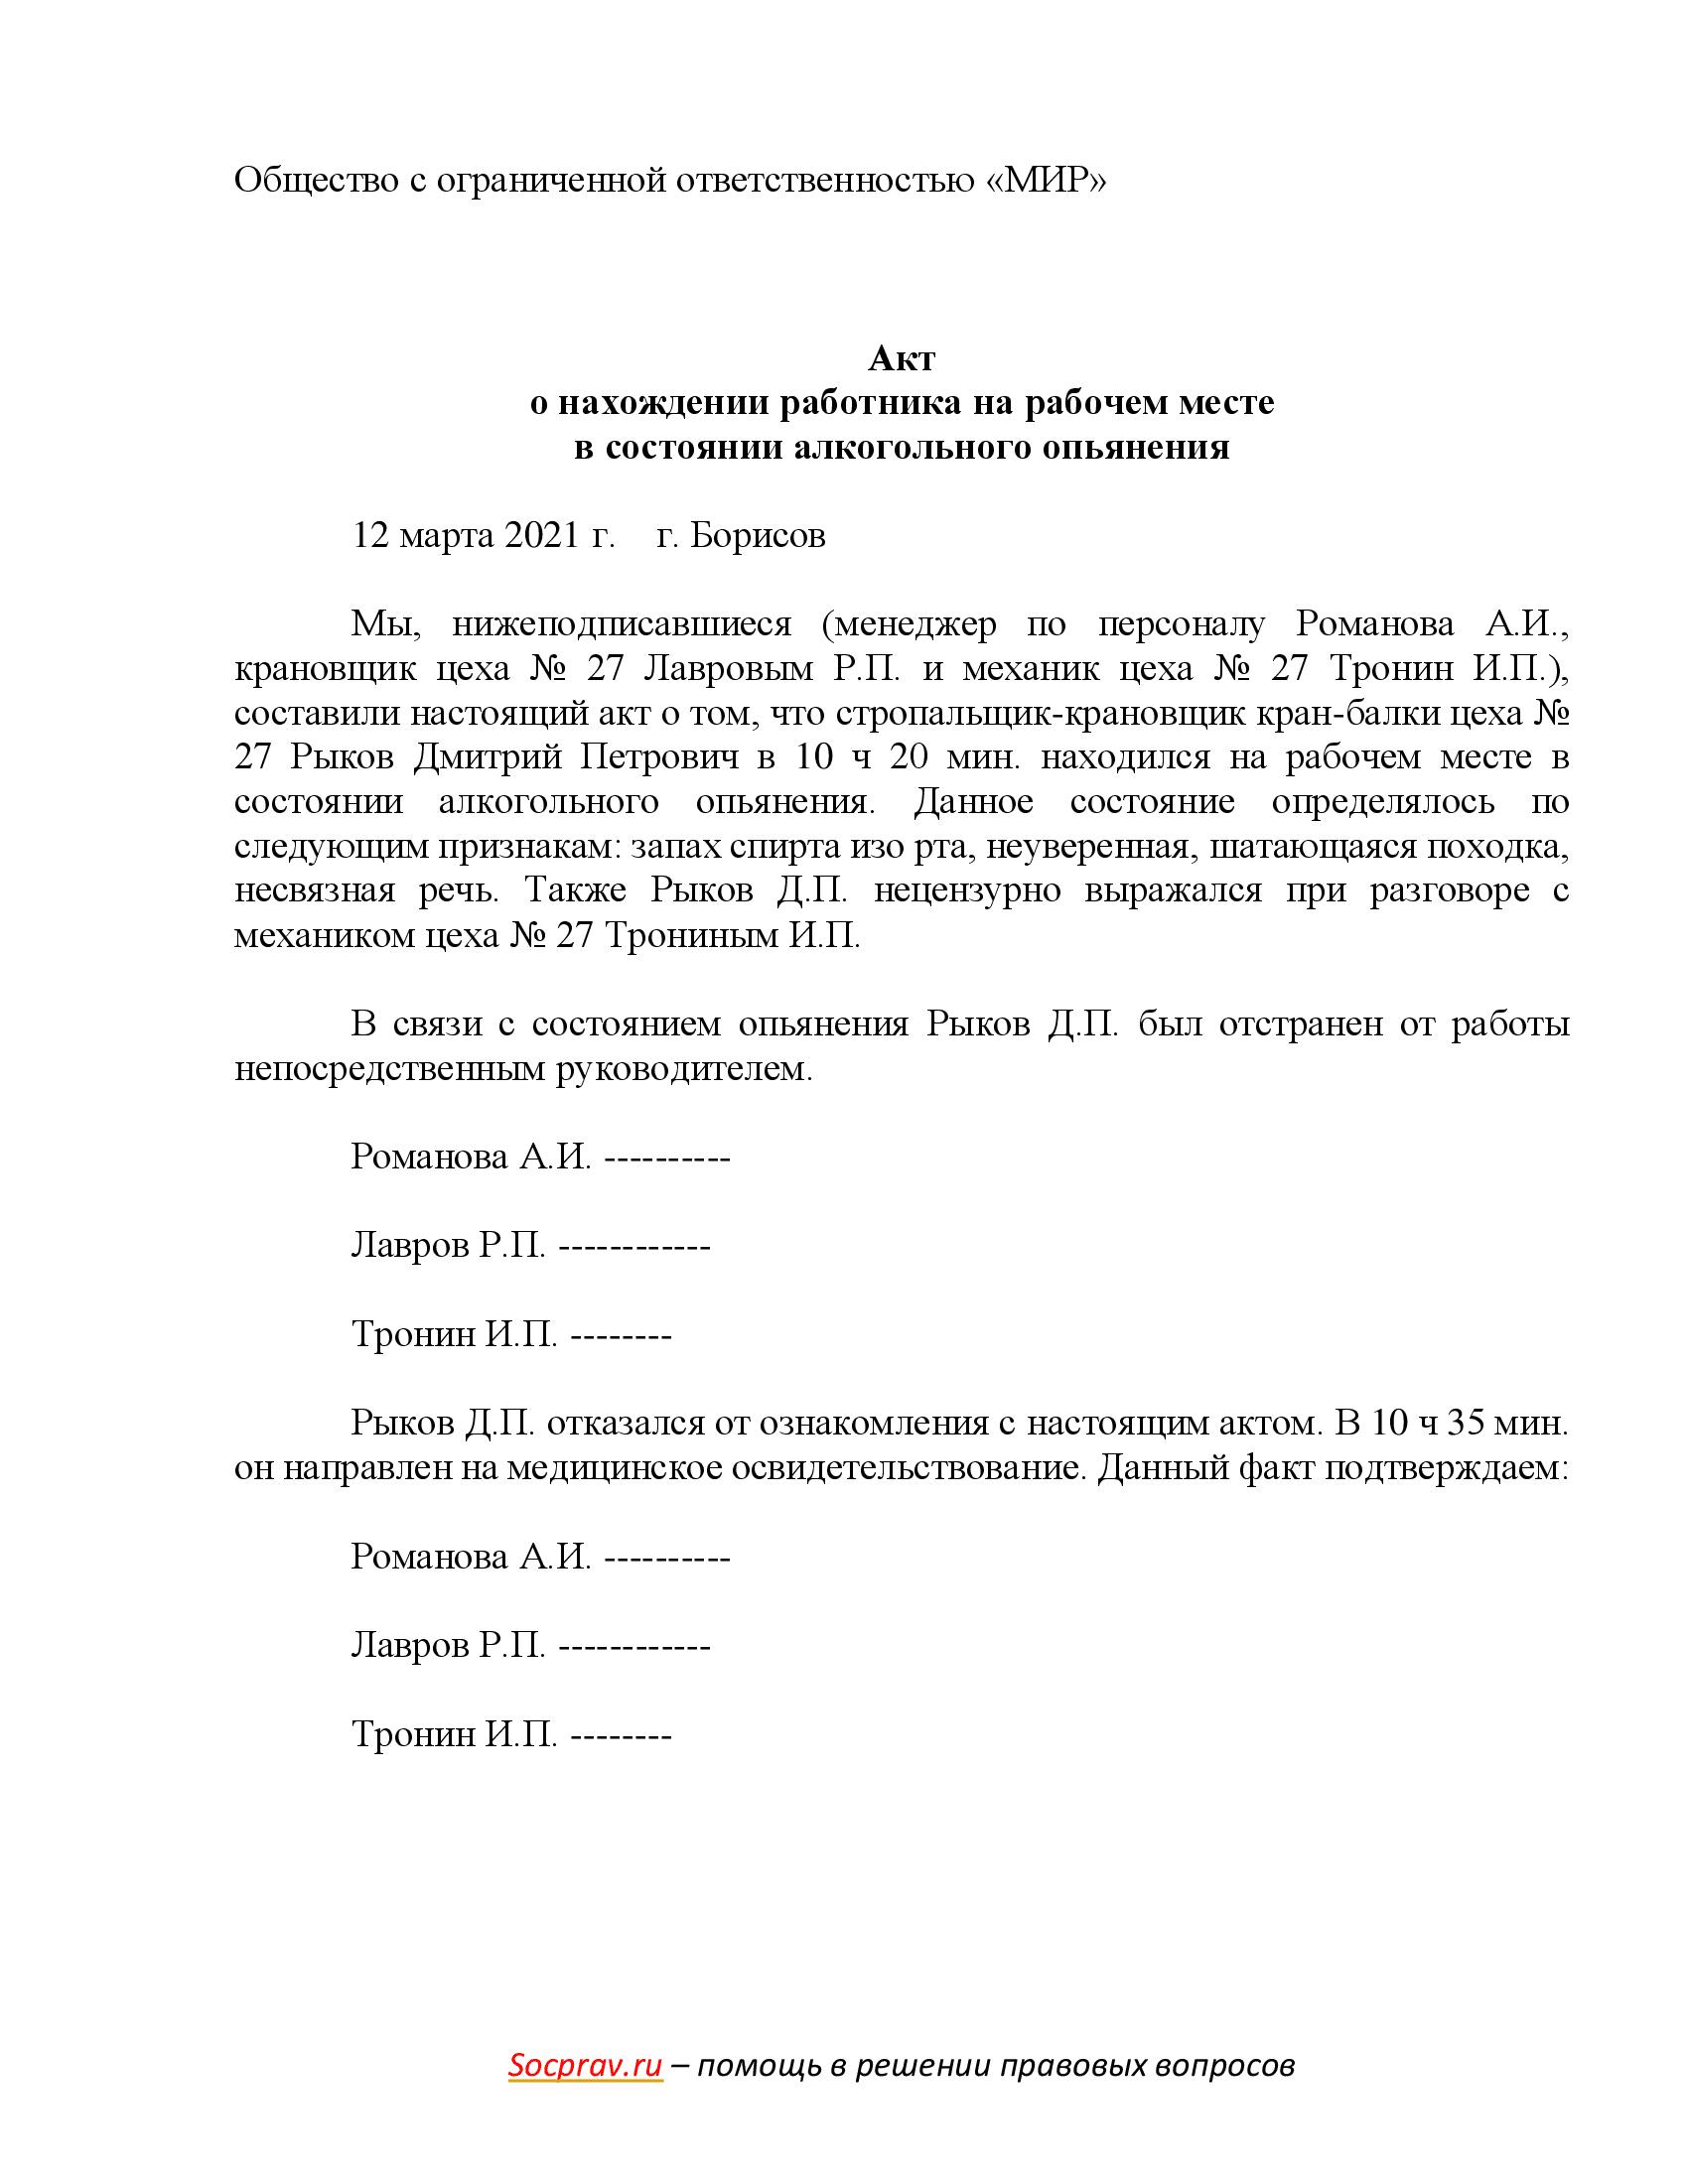 Акт о нахождении работника на рабочем месте в состоянии опьянения